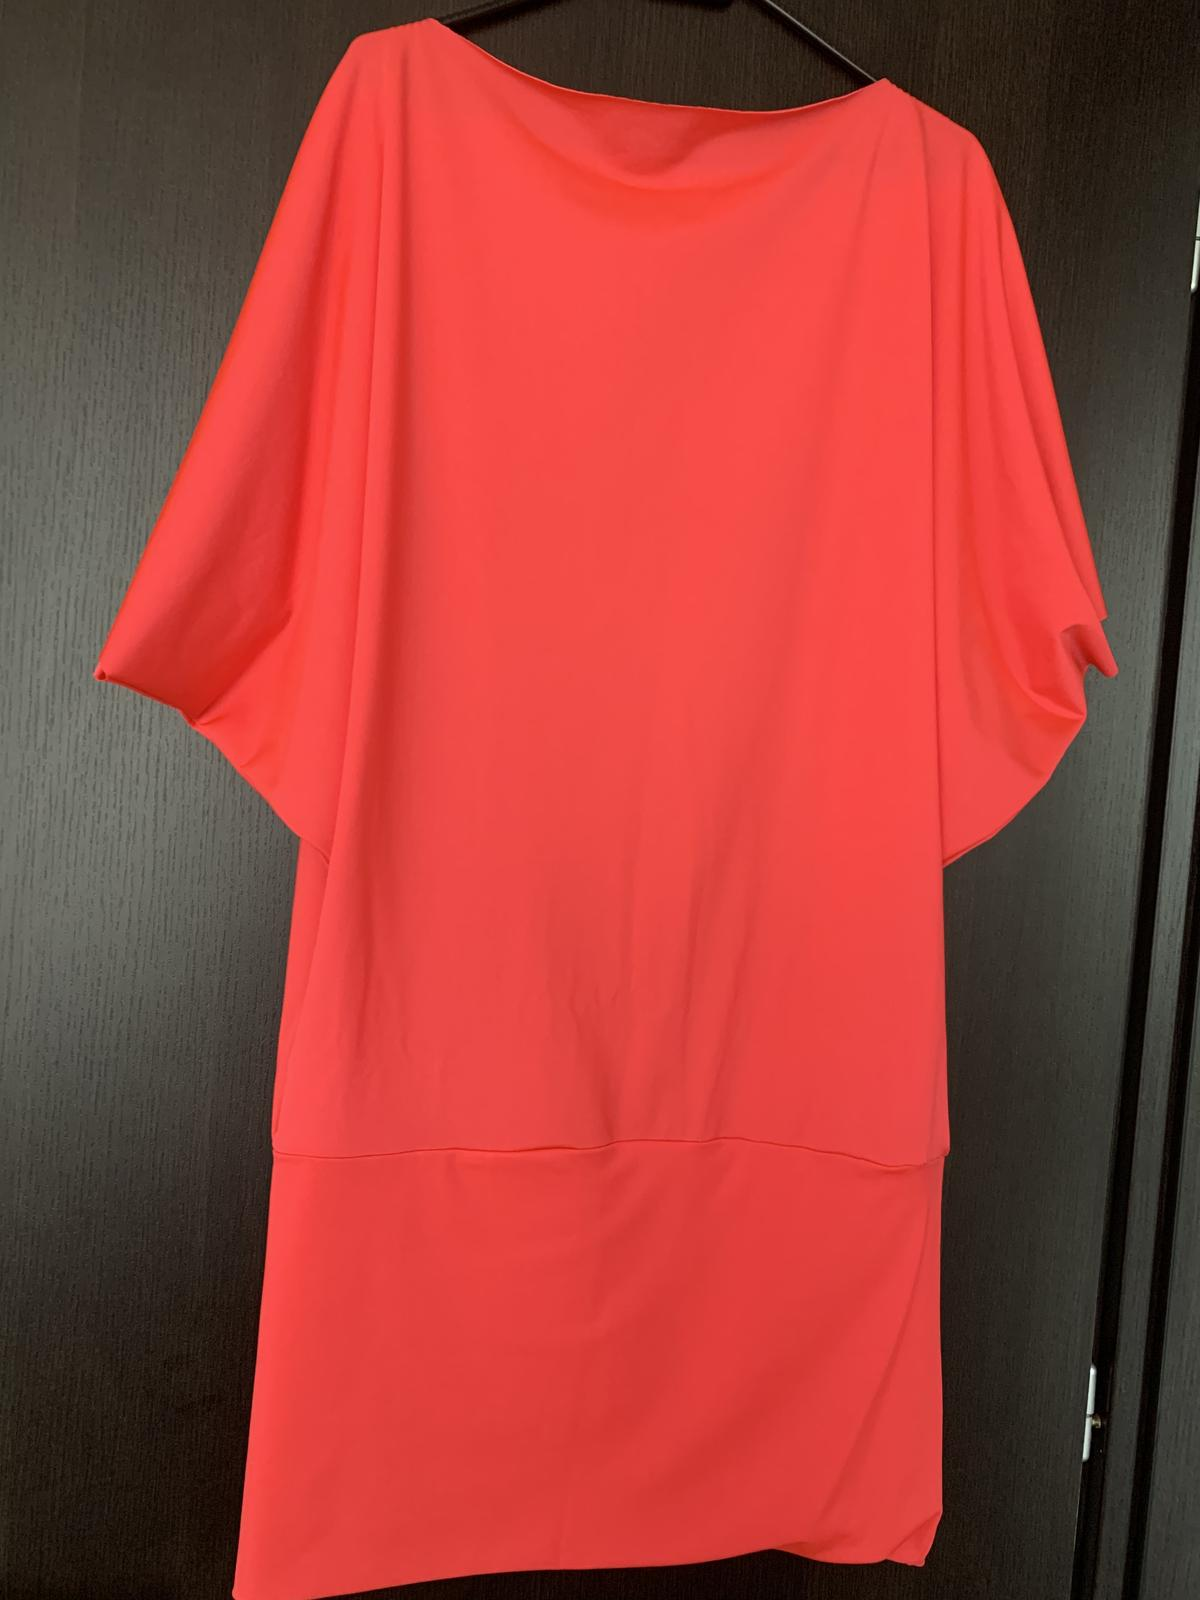 Sametové šaty - Obrázok č. 1